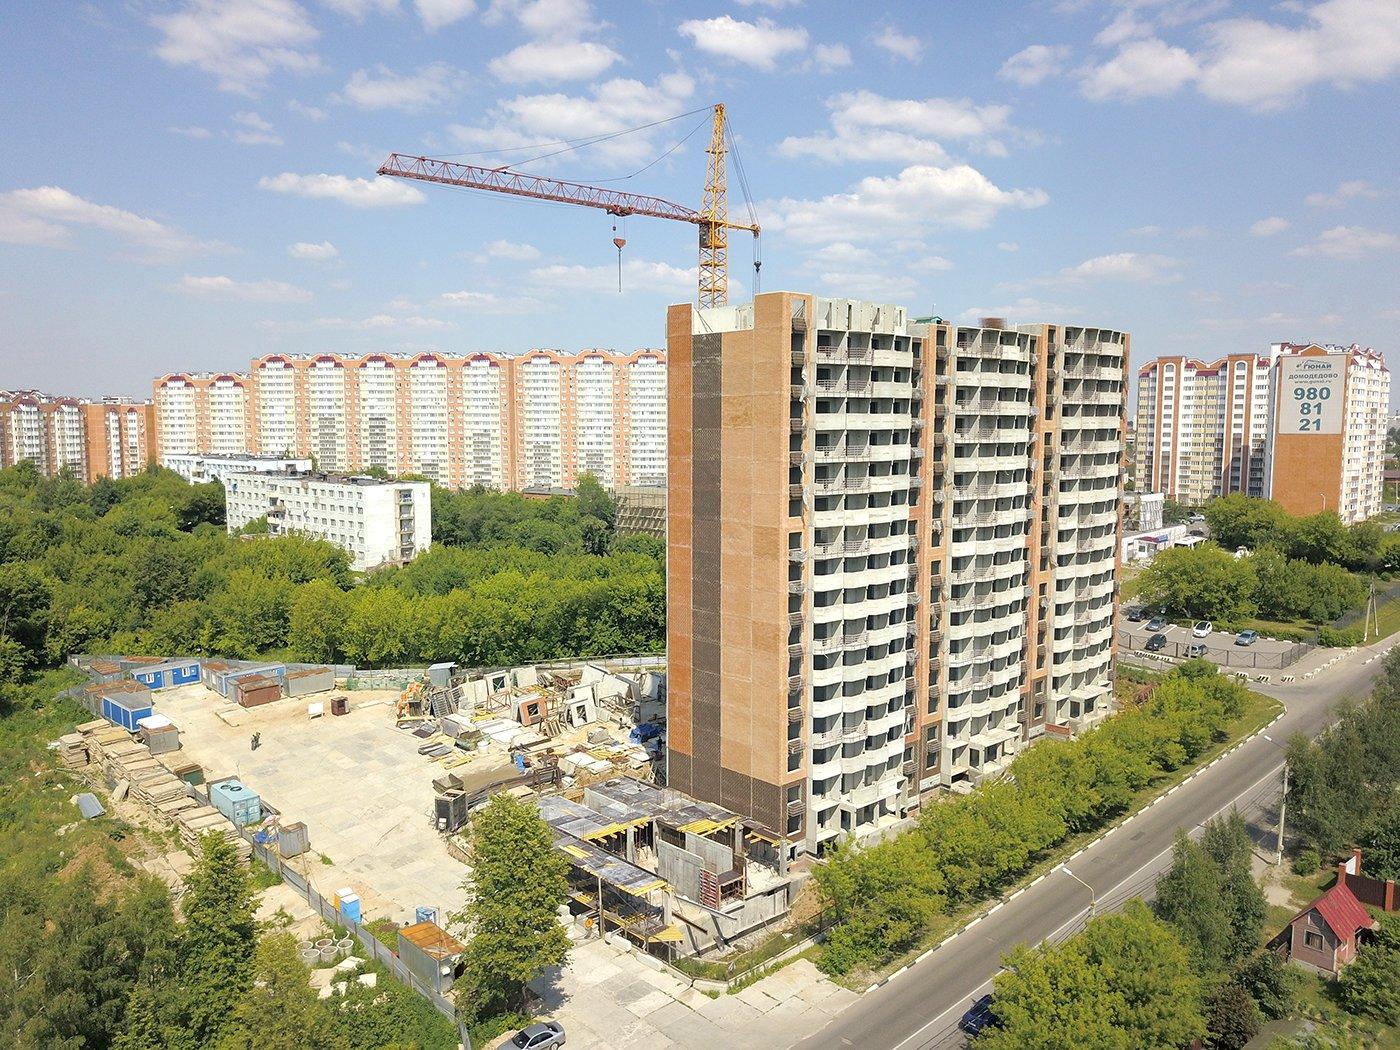 Продается однокомнатная квартира за 2 500 000 рублей. Московская обл, г Домодедово, мкр Западный, ул Текстильщиков, д 44.